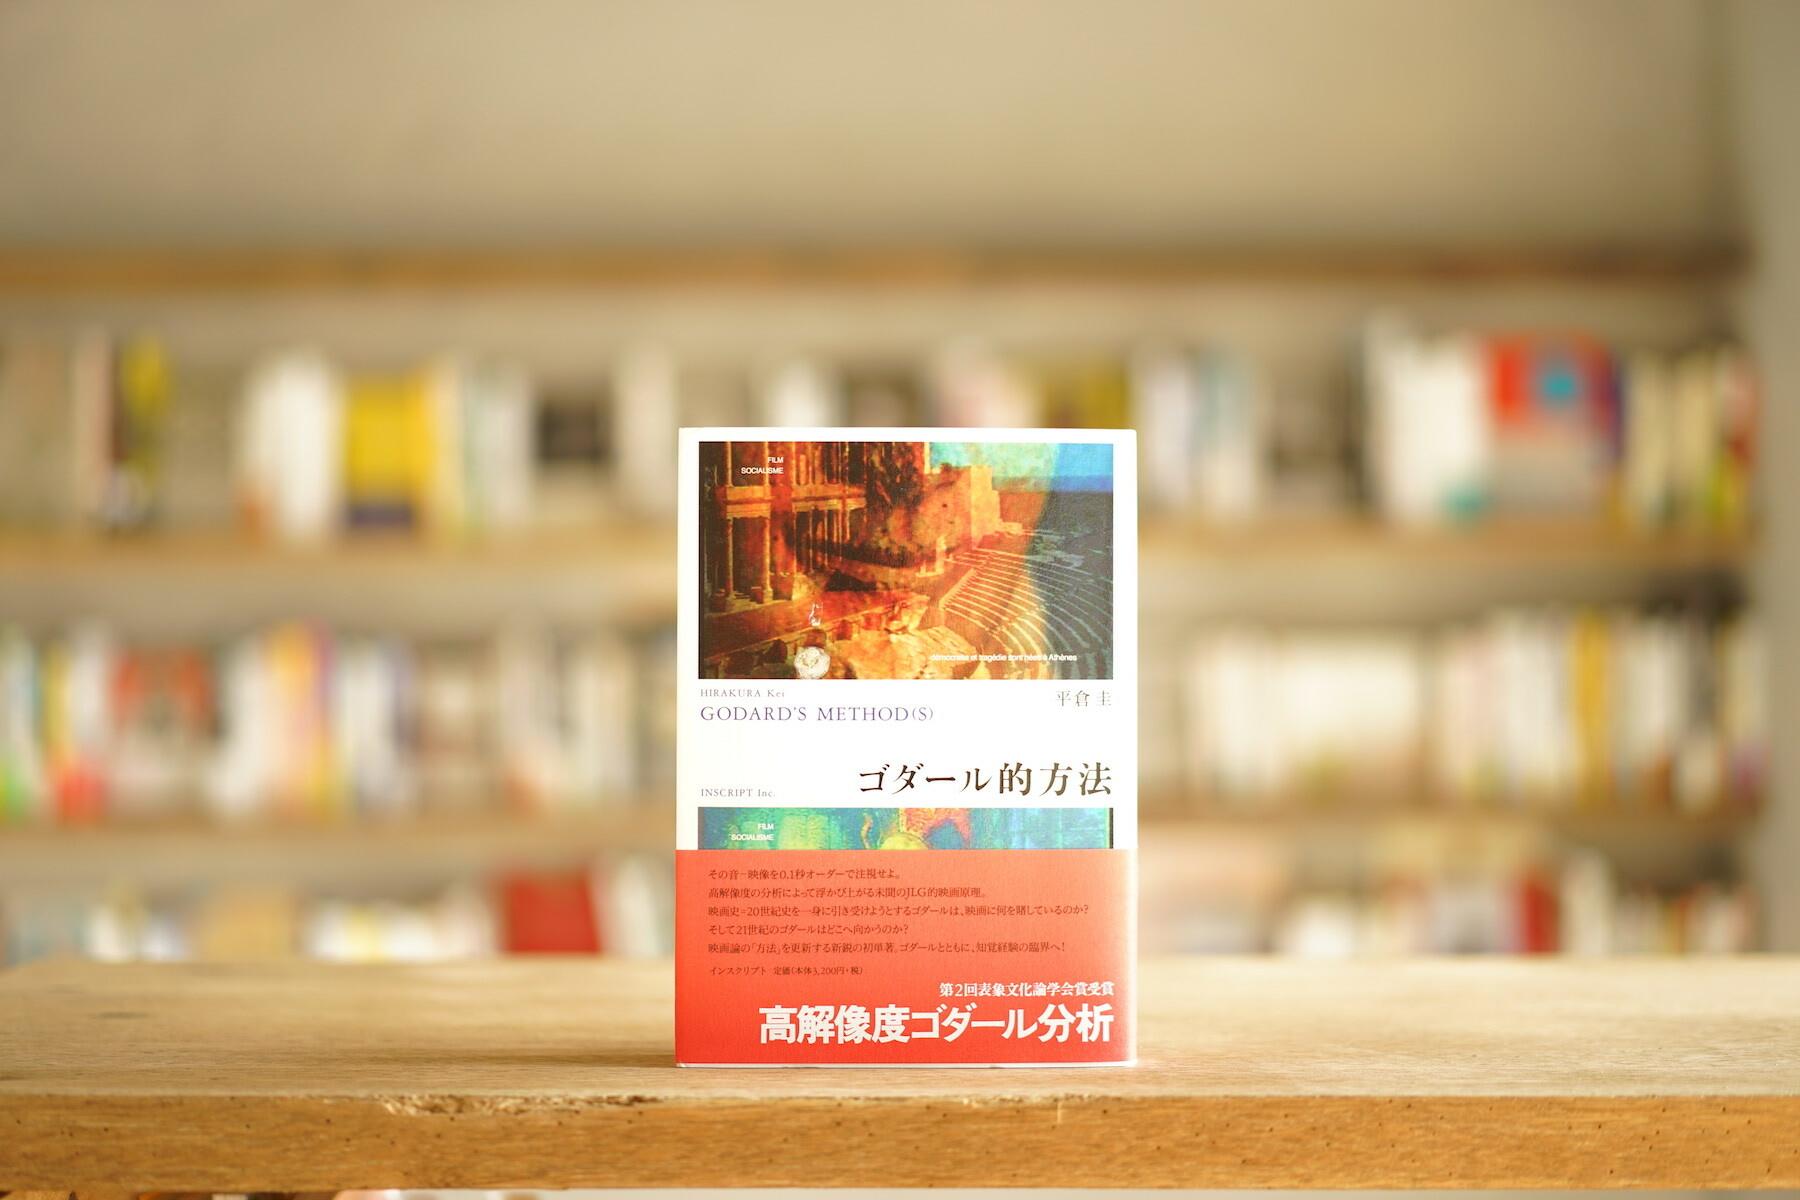 平倉圭 『ゴダール的方法』 (インスクリプト、2010)